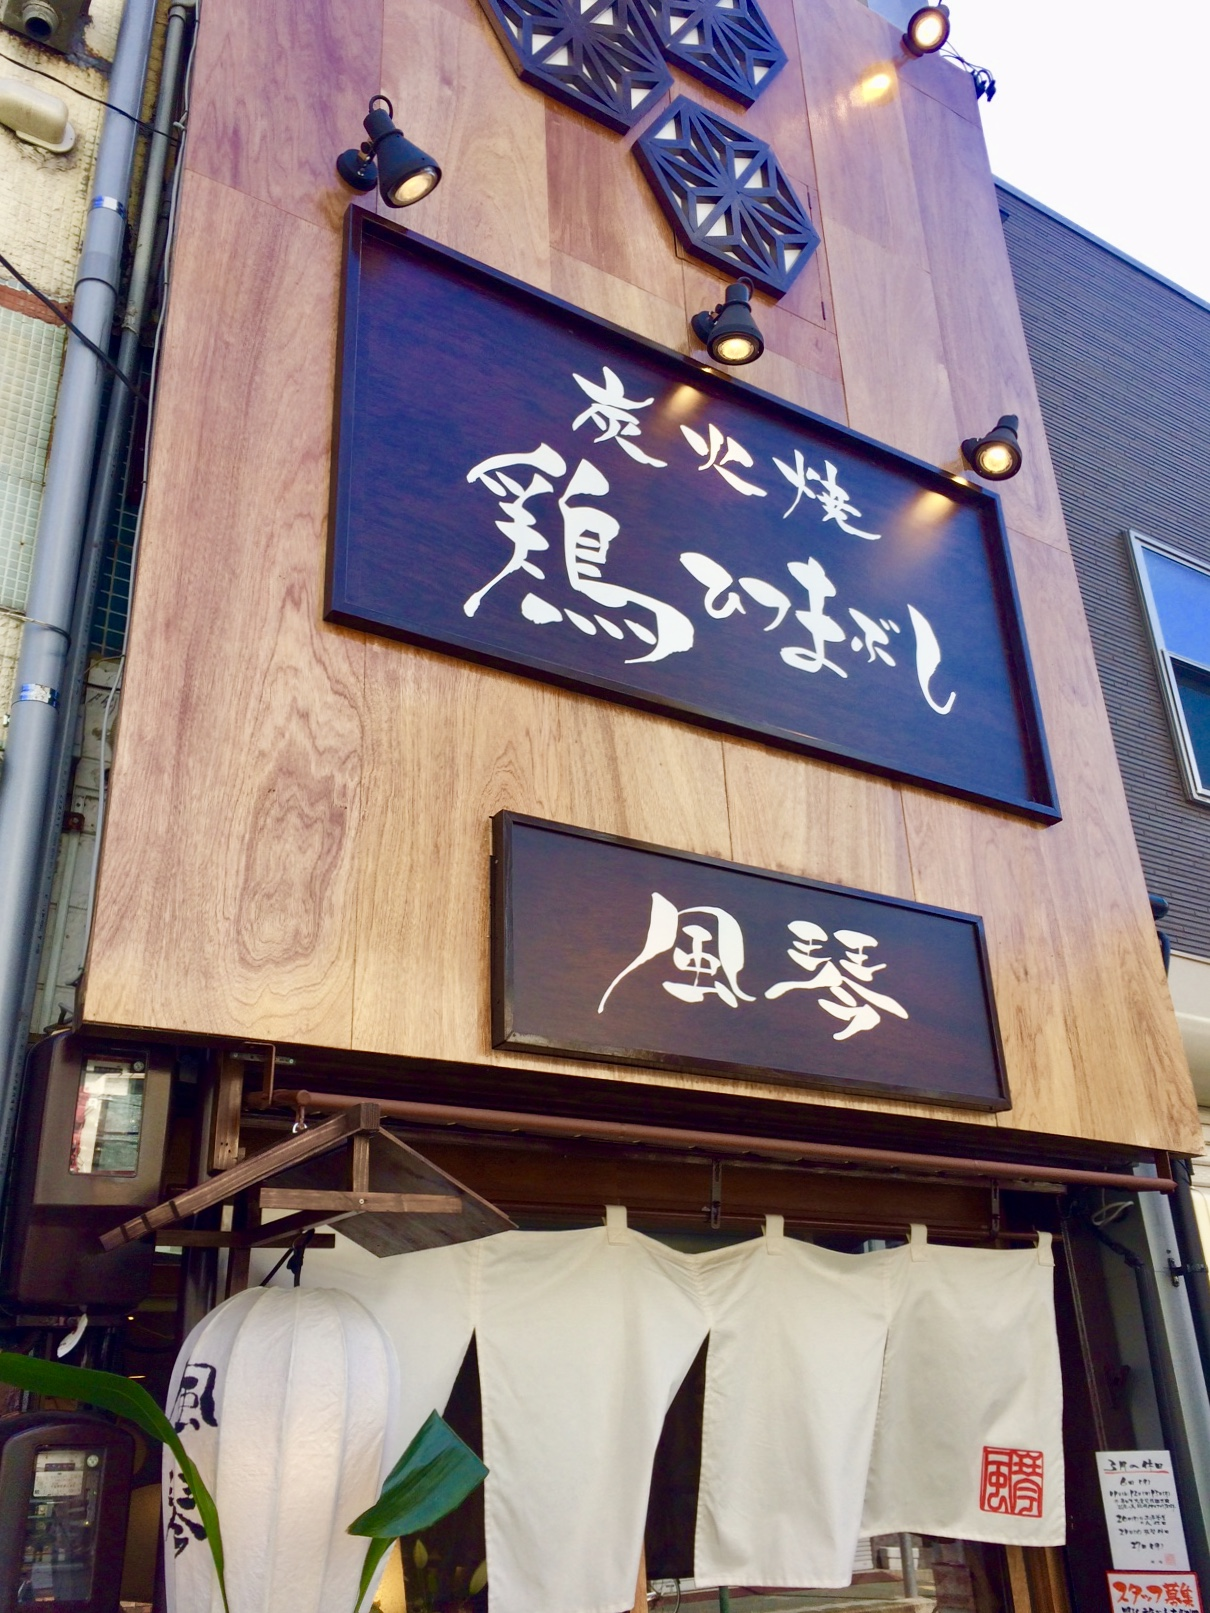 名古屋初の実店舗!「鶏ひつまぶし」のお店『風琴(フウキン)』 - fullsizeoutput 1b